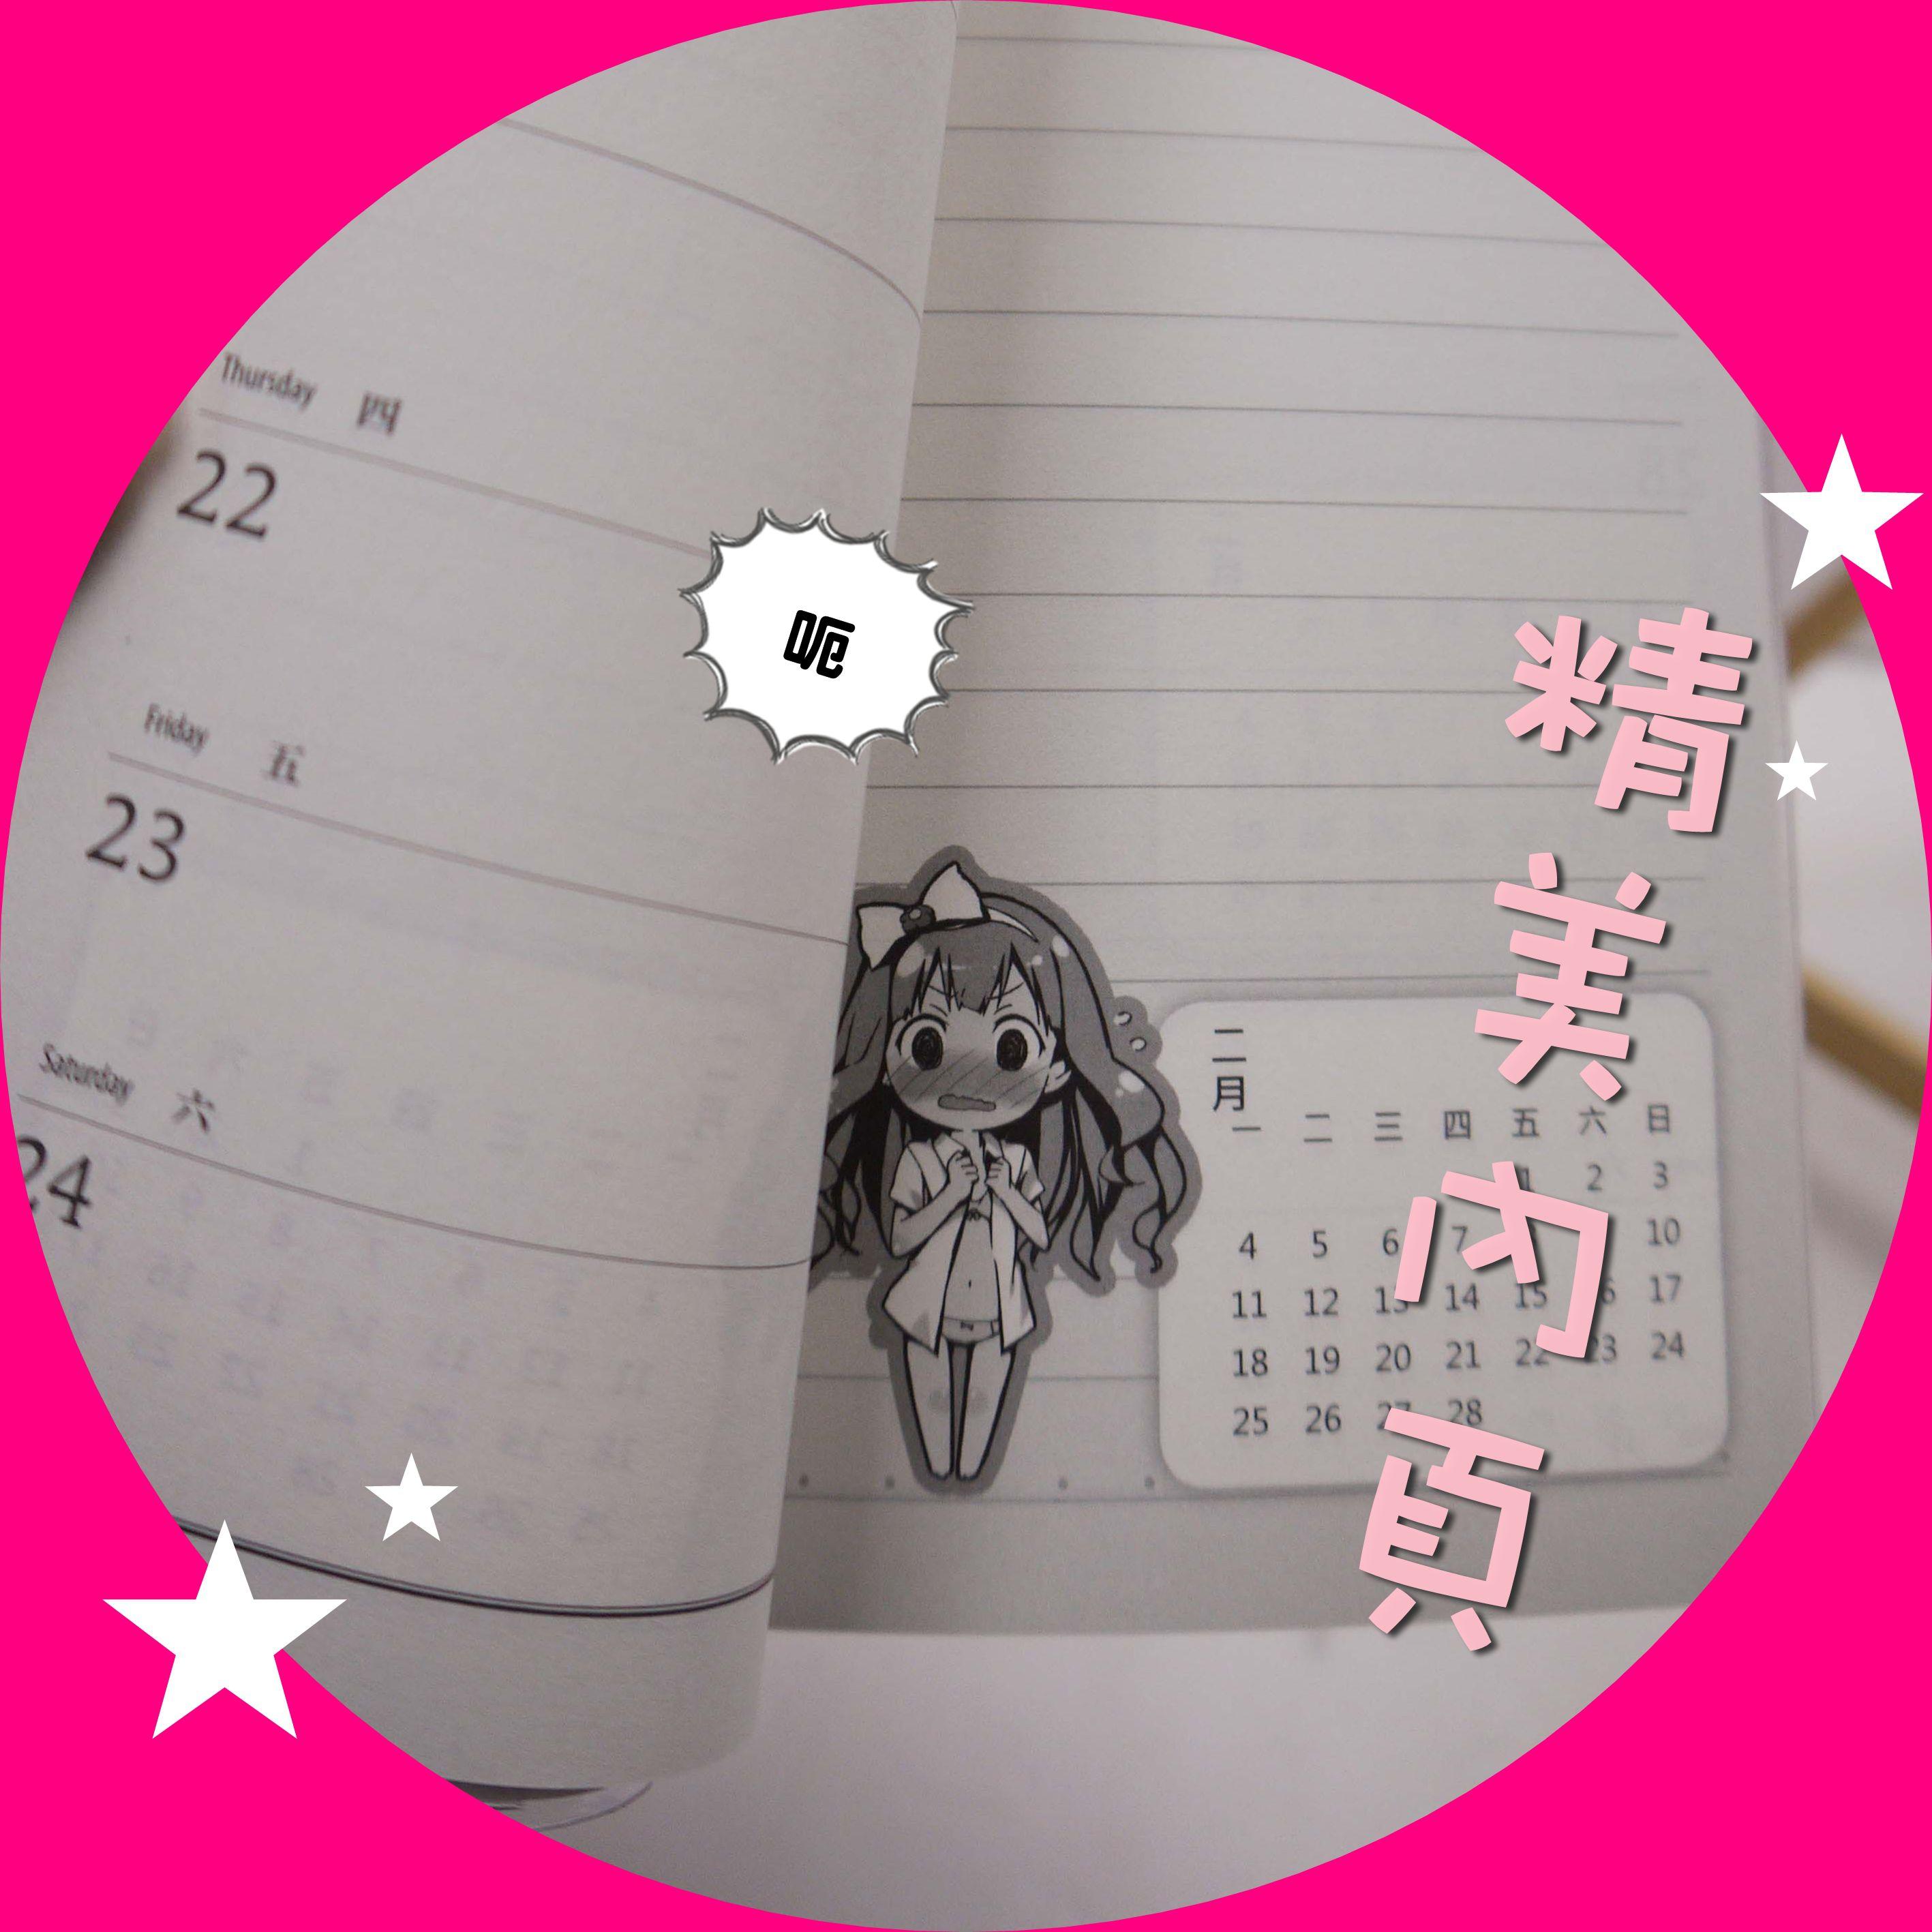 不笑貓小說特裝版(內頁)2